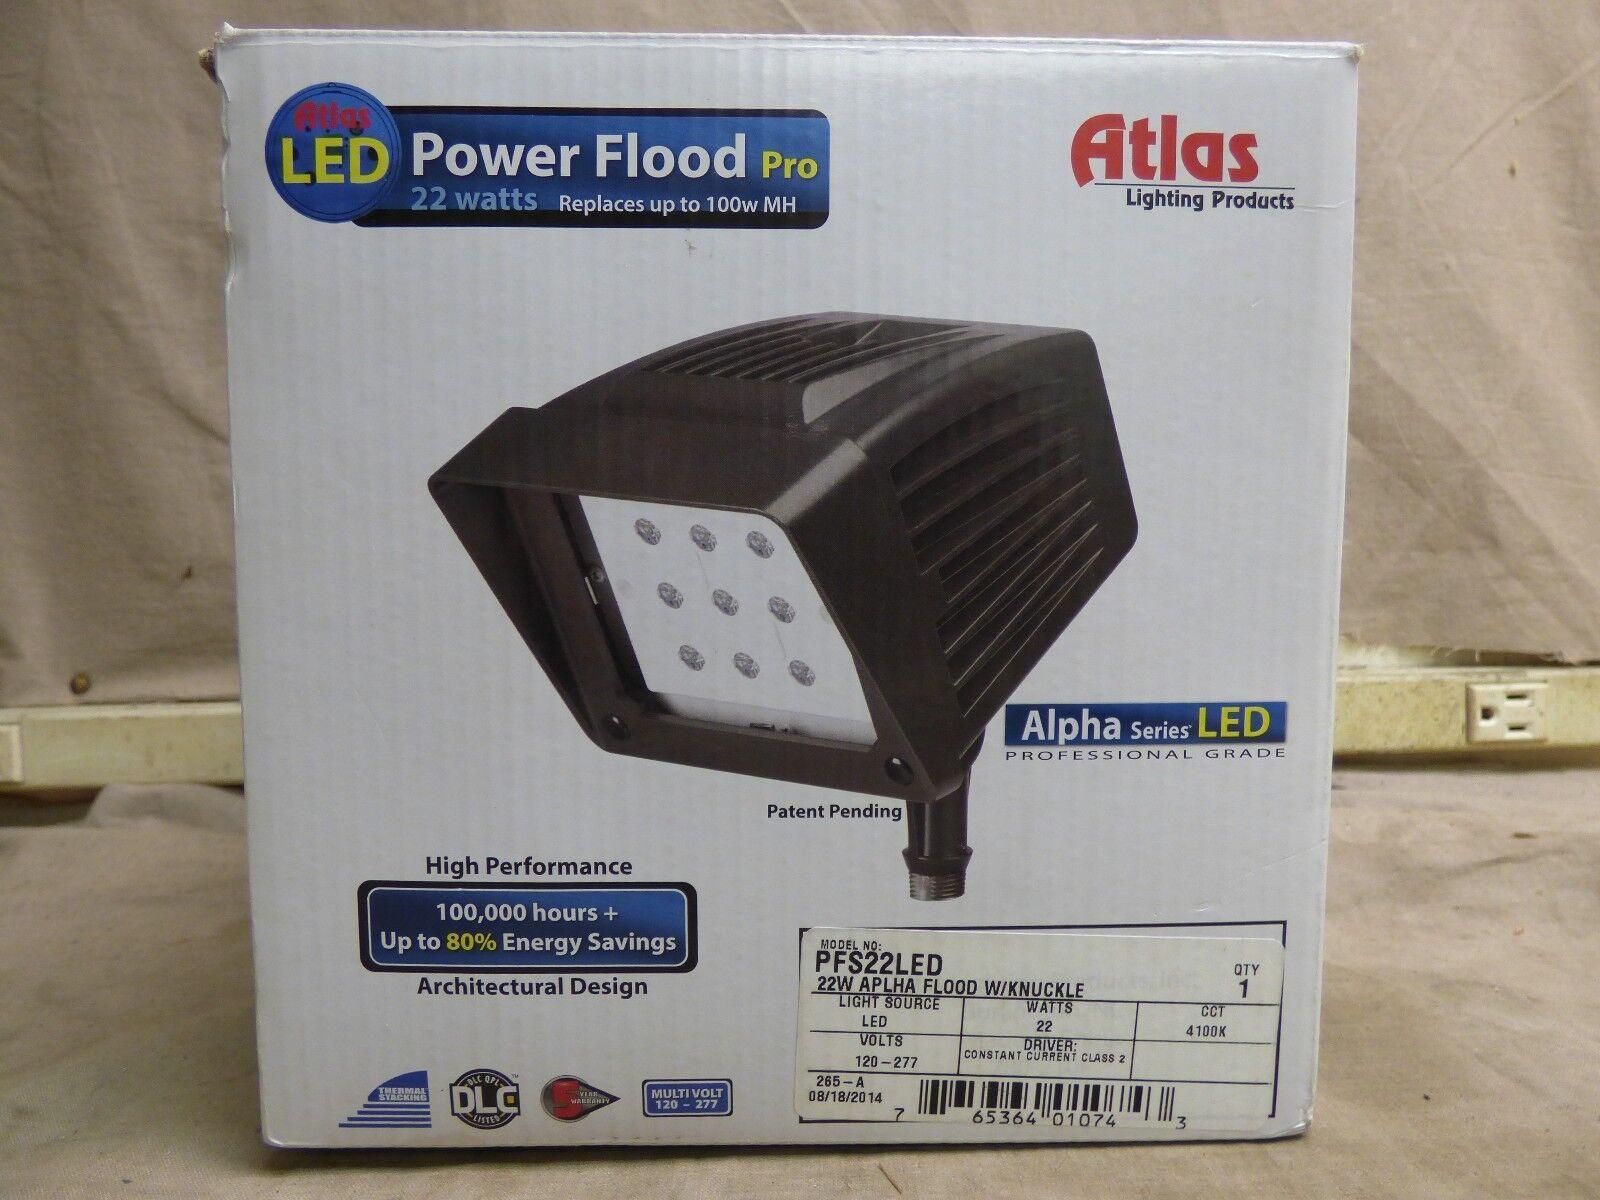 Productos de iluminación Atlas PFS22LED 22 Vatios LED Luz de inundación Pro de alimentación  NUEVO